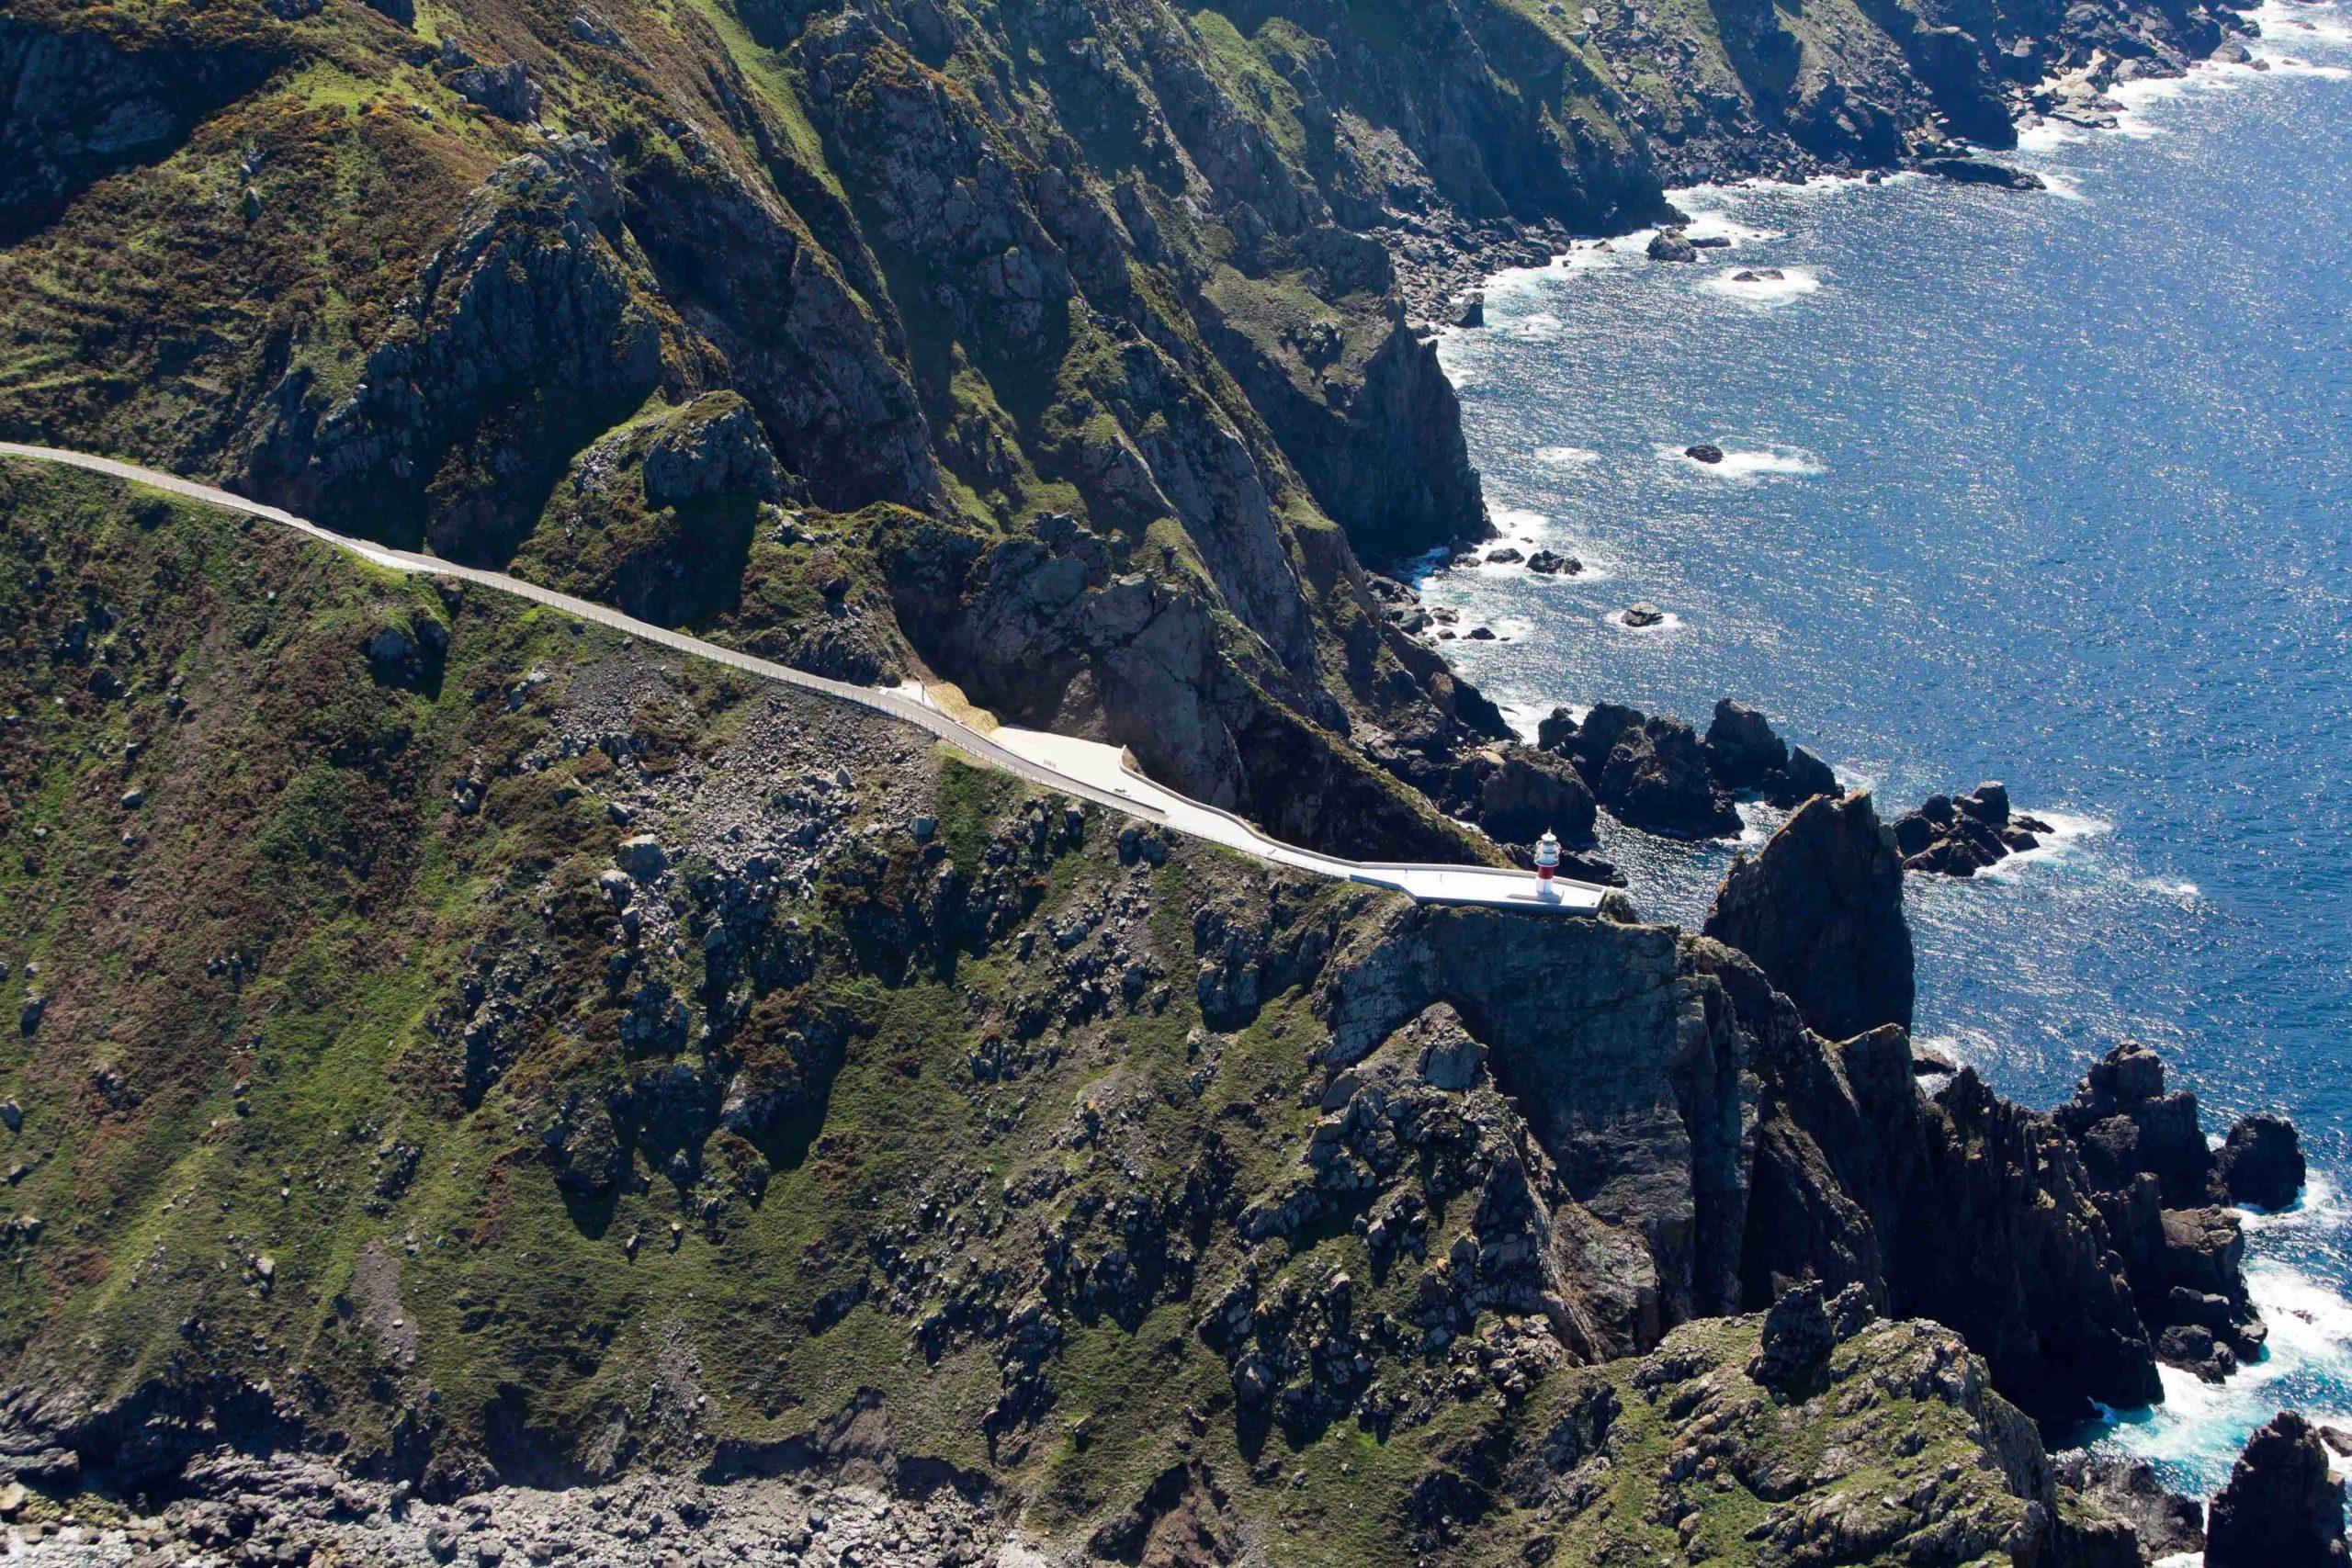 La candidatura a Geoparque de Cabo Ortegal progresa adecuadamente